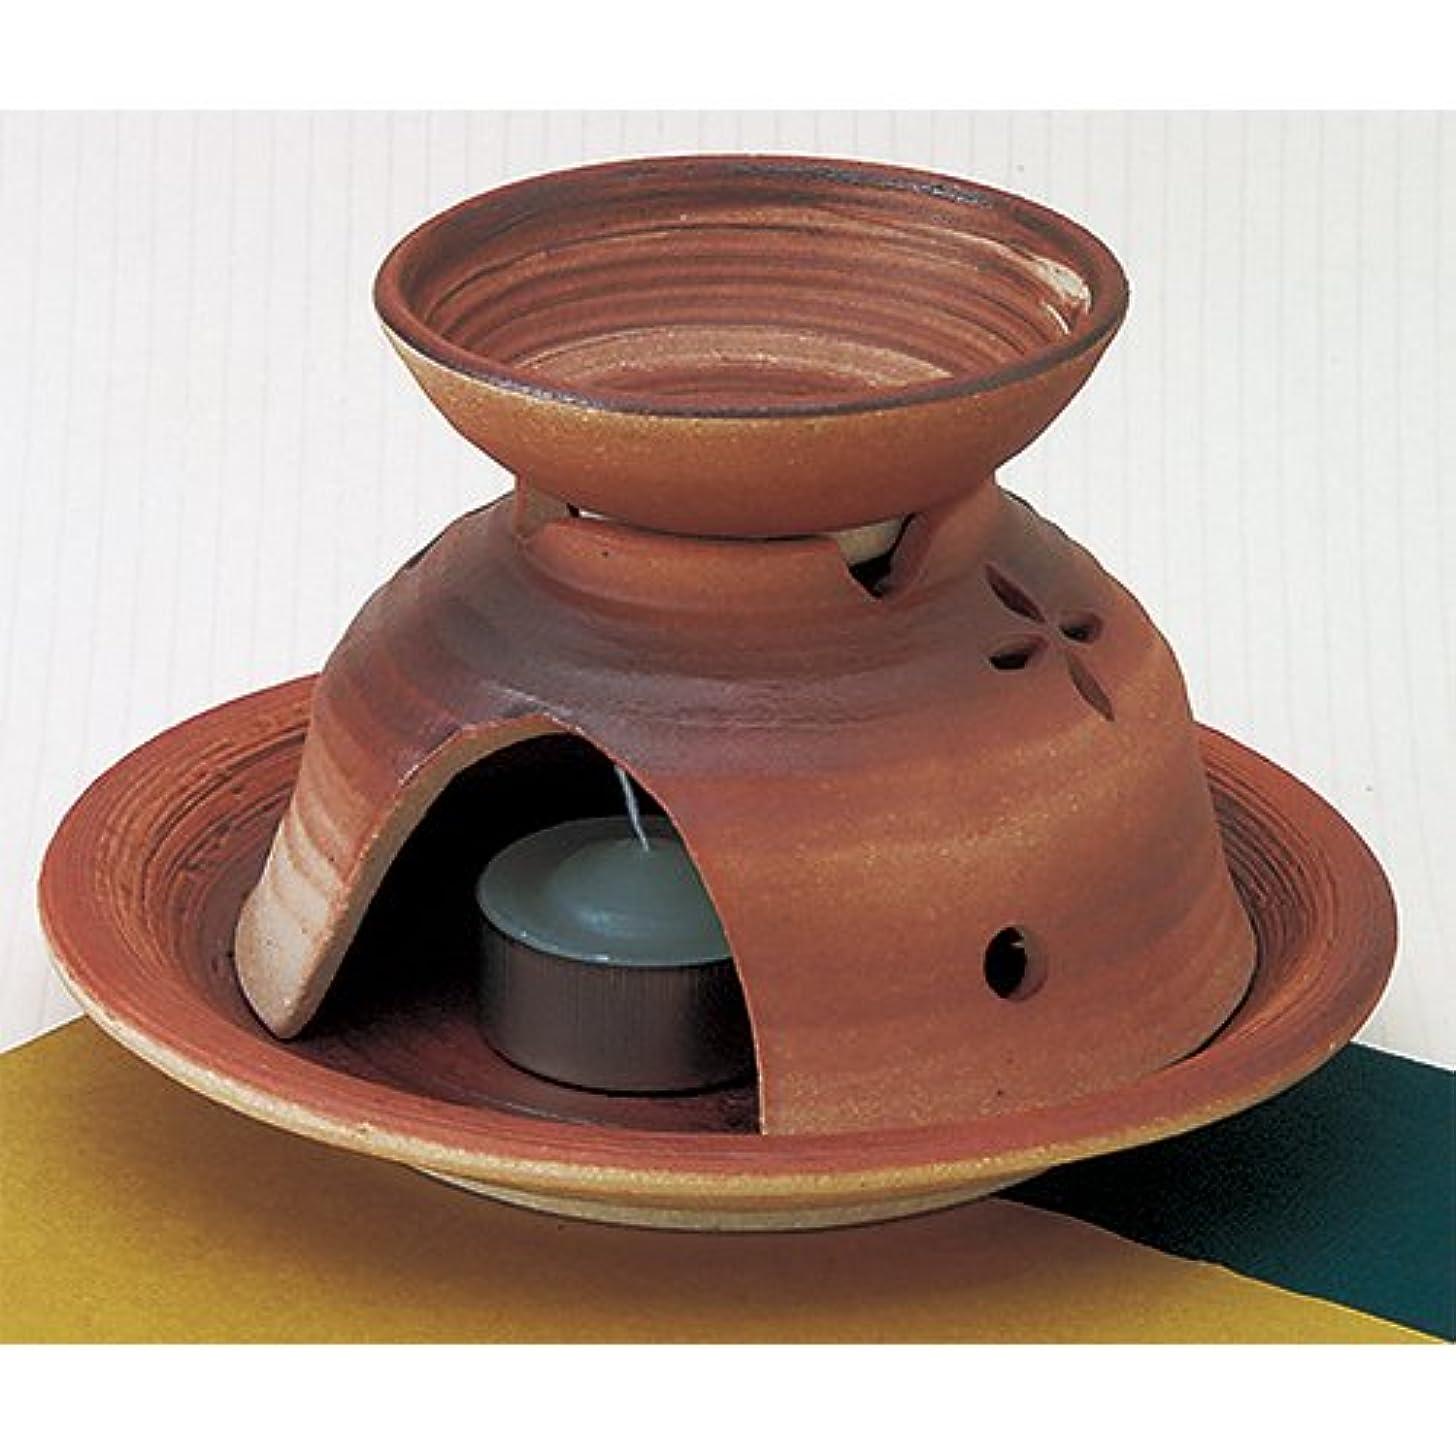 うれしい望み歩行者香炉 花抜き 茶香炉 [R15xH9.5cm] HANDMADE プレゼント ギフト 和食器 かわいい インテリア